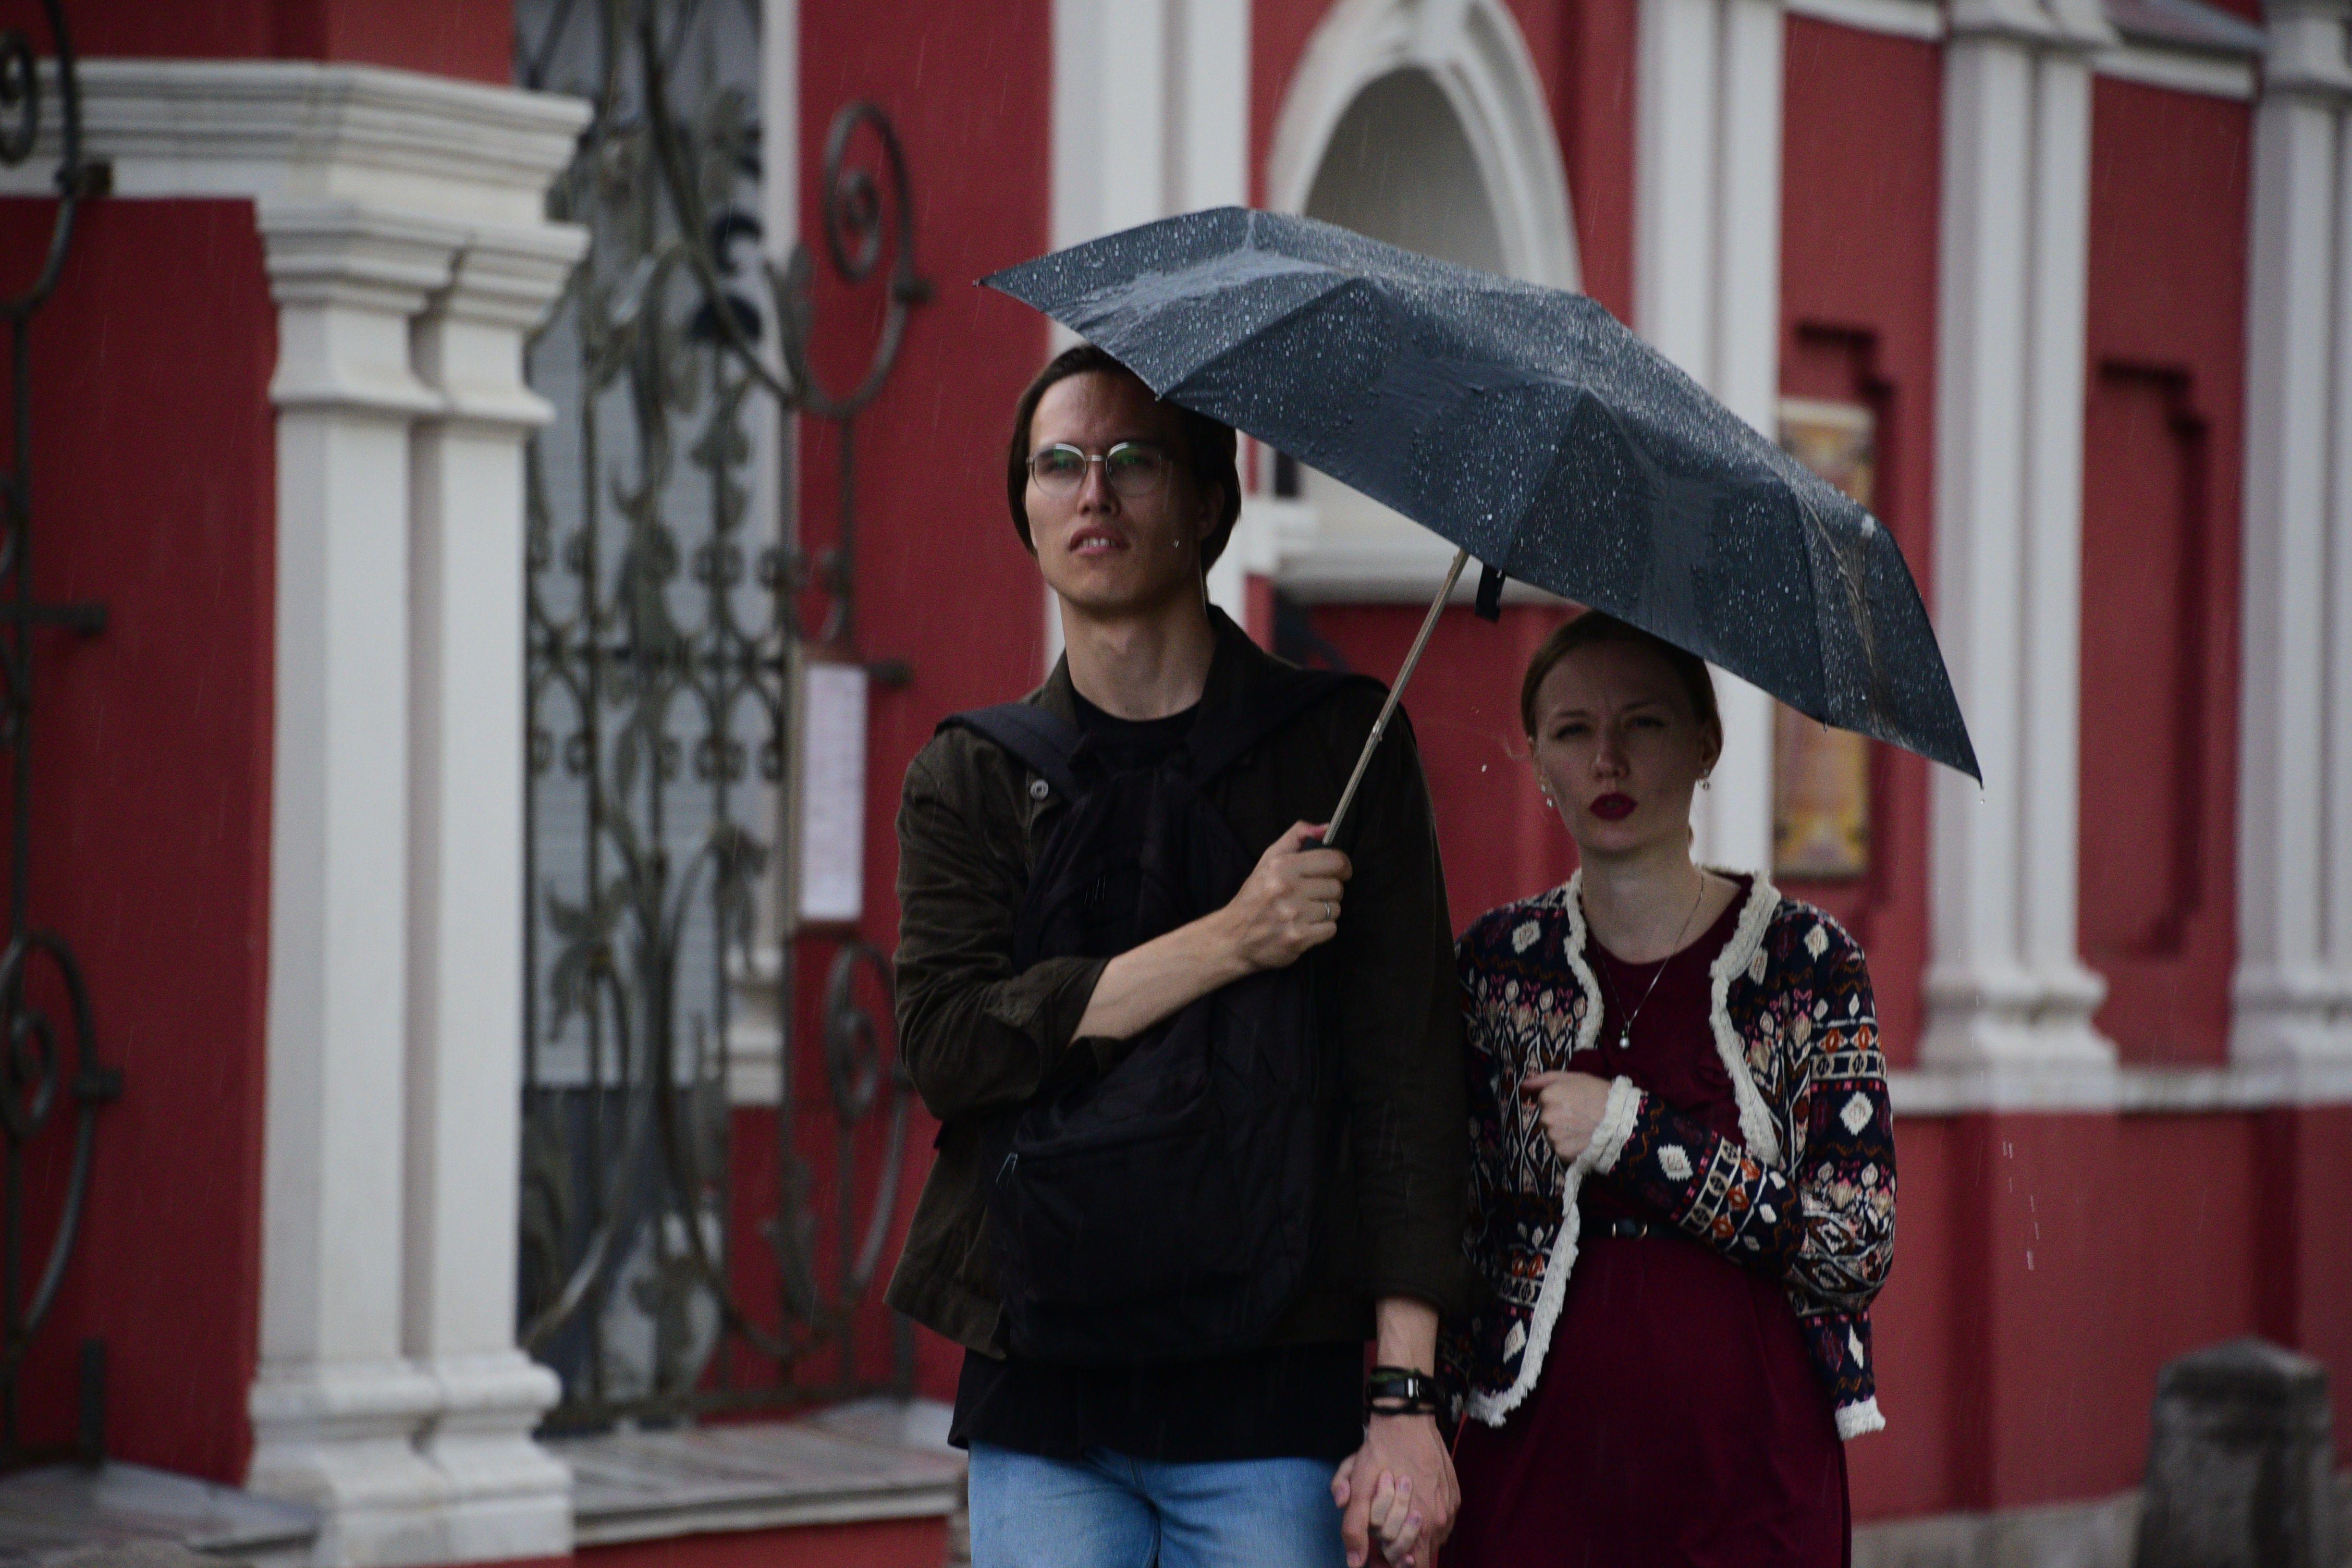 Москвичей ожидает дождливое воскресенье.Фото: архив, «Вечерняя Москва»